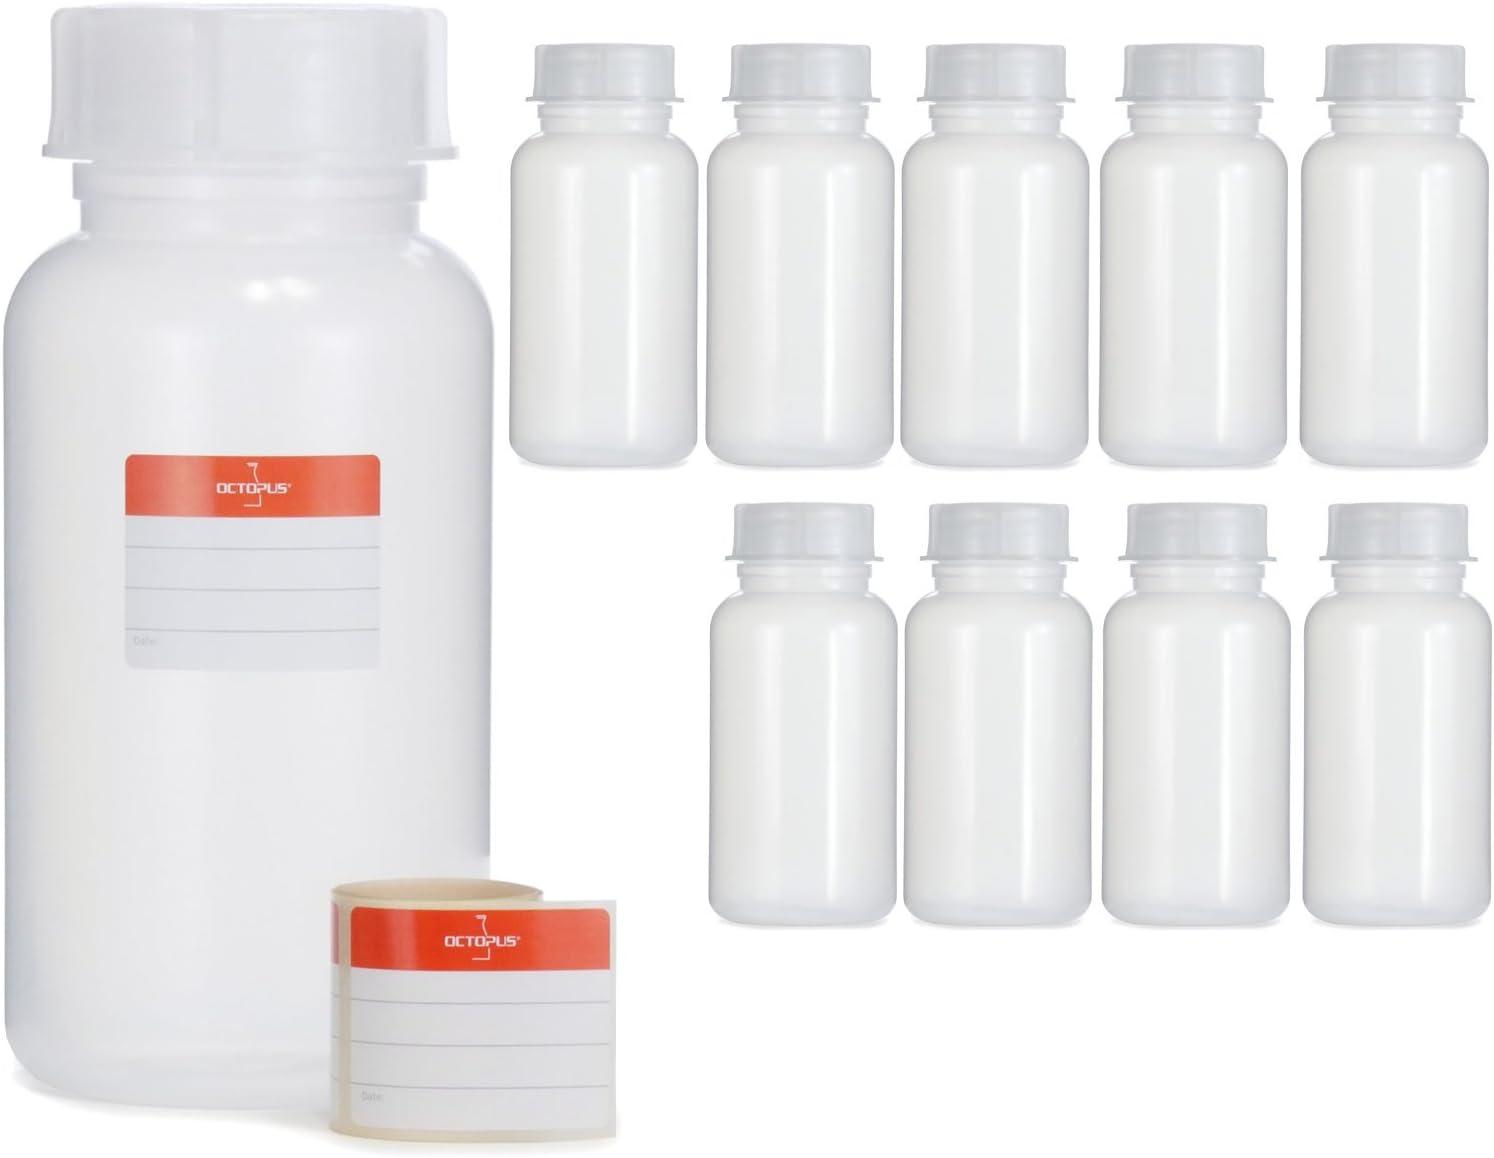 bouteilles vides avec bouchons /à vis blanc bouteilles carr/ées Bouteilles en plastique Octopus 10 x 1000 ml bouteilles en plastique PE-HD avec bouchon /à vis de blanc 10 /étiquettes incluses.